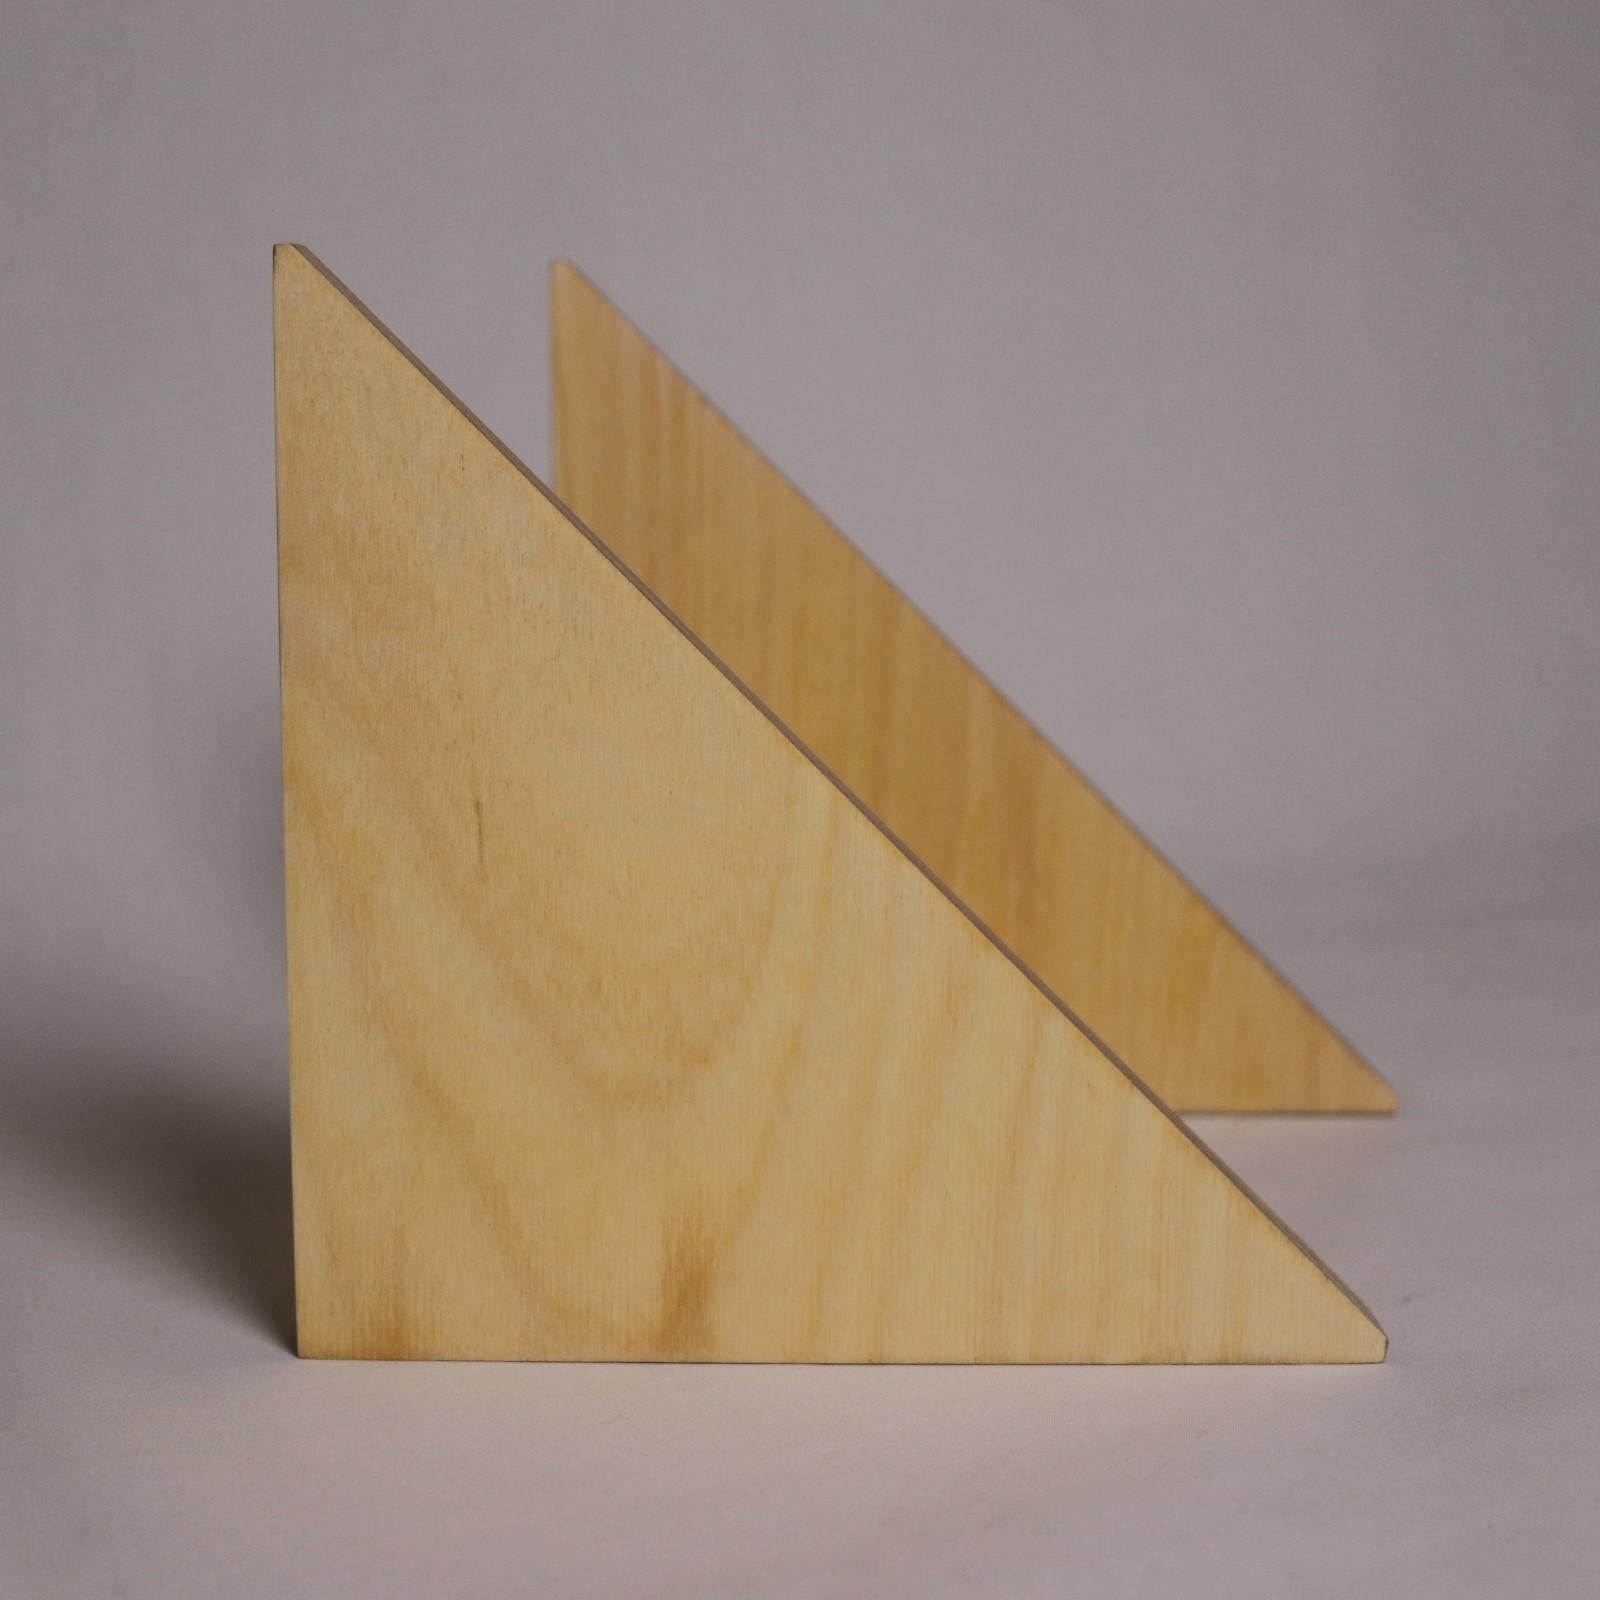 ブックエンドさんかく / 木製&スチール